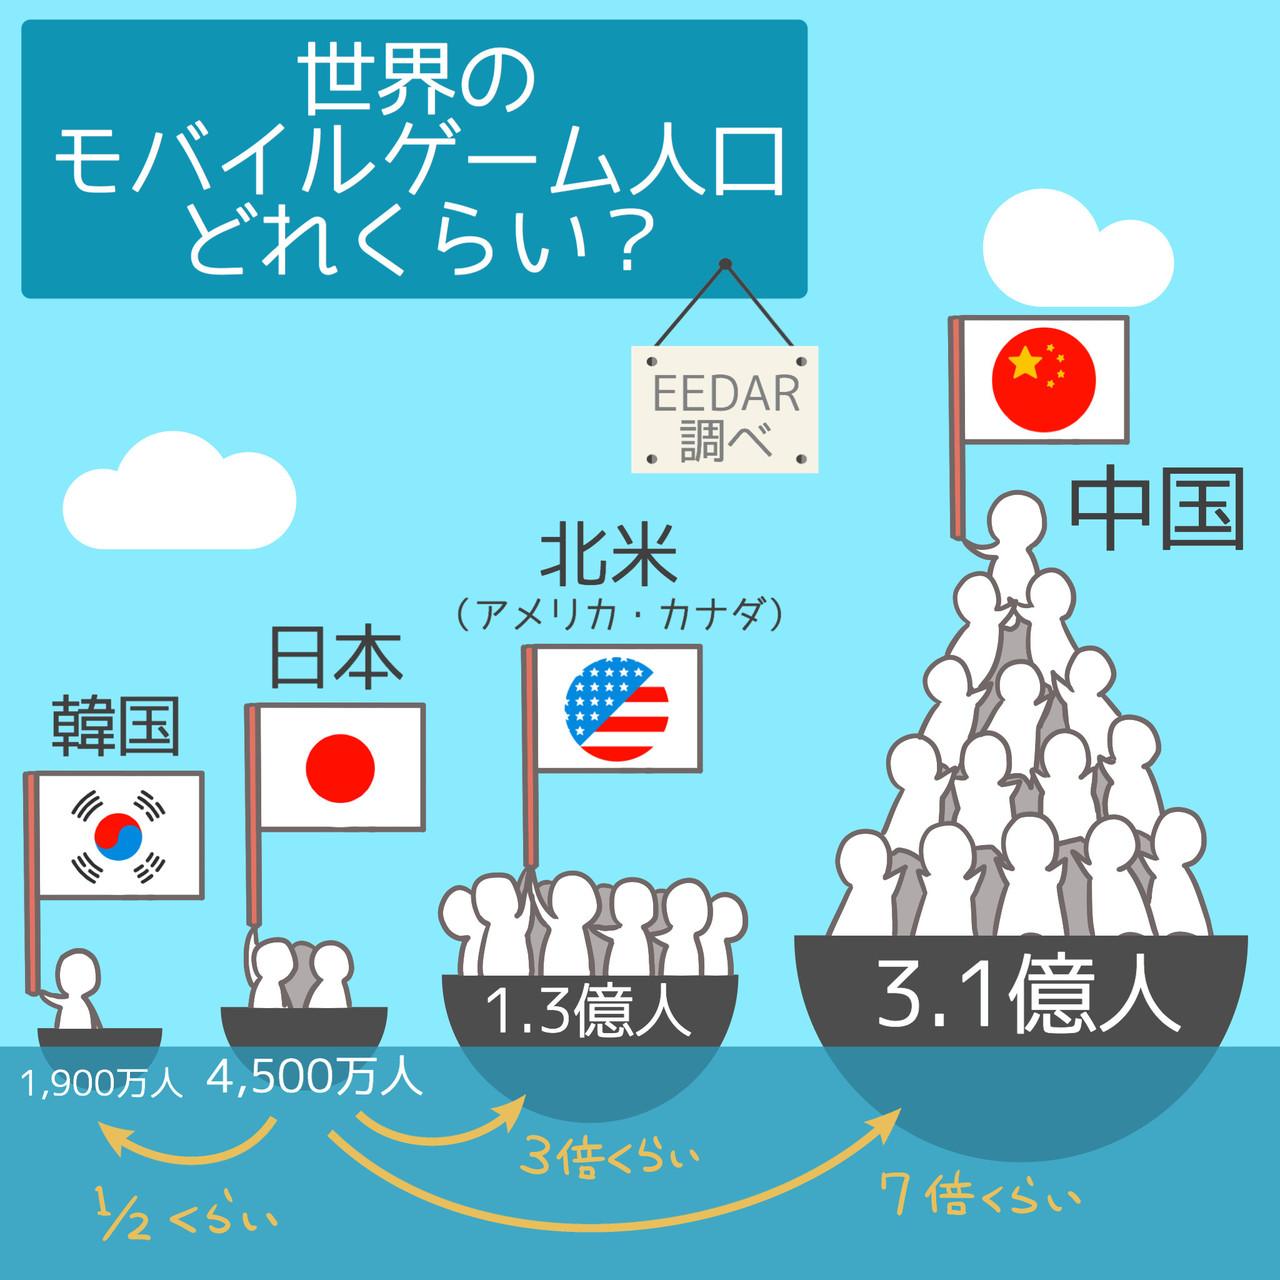 中国決済番犬: 中国モバイルゲーム、海外売上急増 中国決済番犬 インターネット・モバイル・決済・